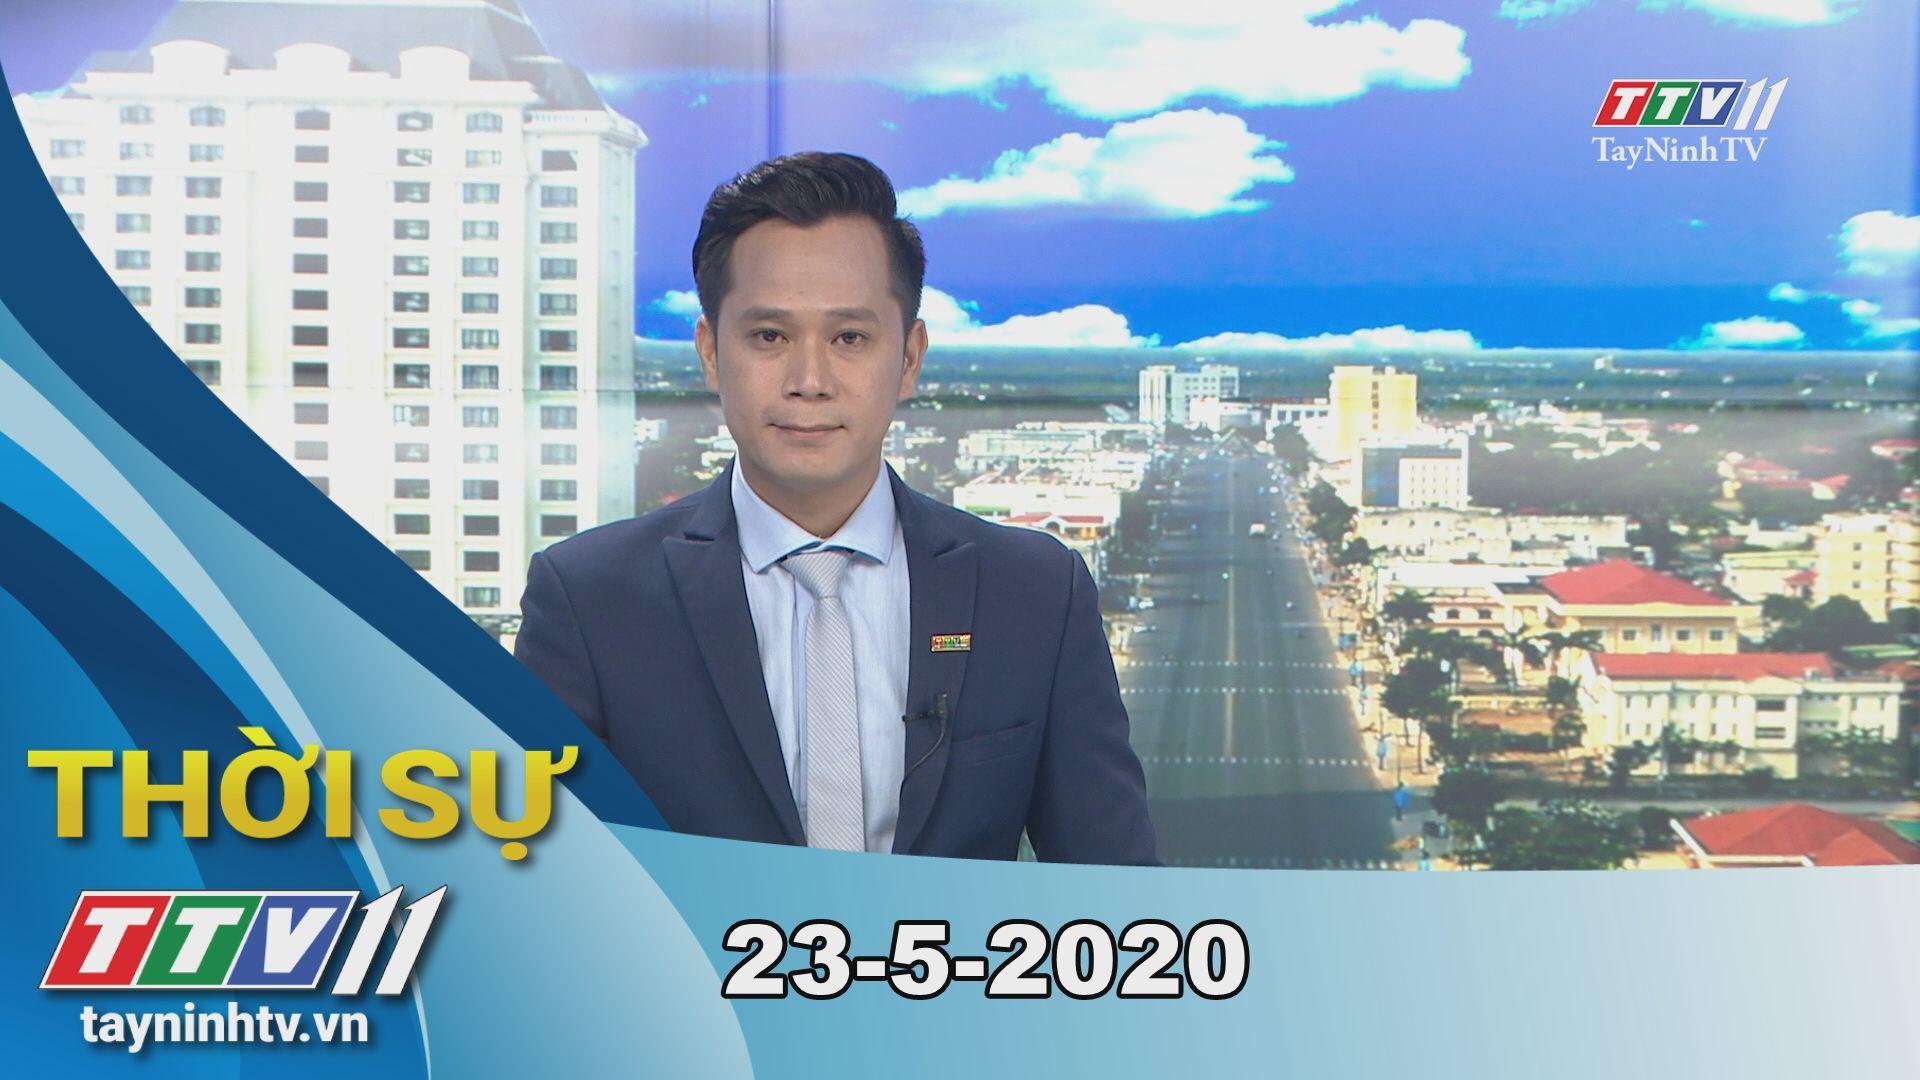 Thời sự Tây Ninh 23-5-2020 | Tin tức hôm nay | TayNinhTV